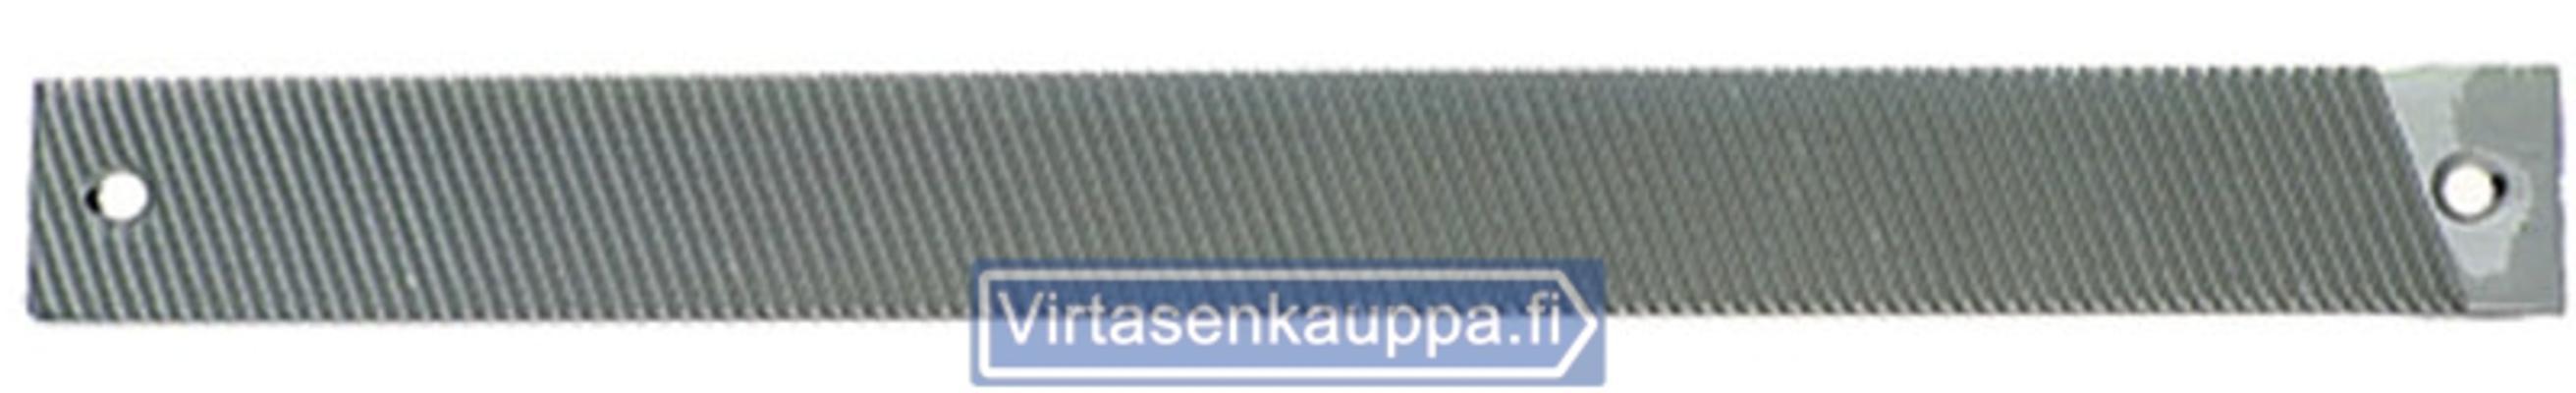 Panssariviilan terä 10906, Stahwille - Panssariviilan terä 10906